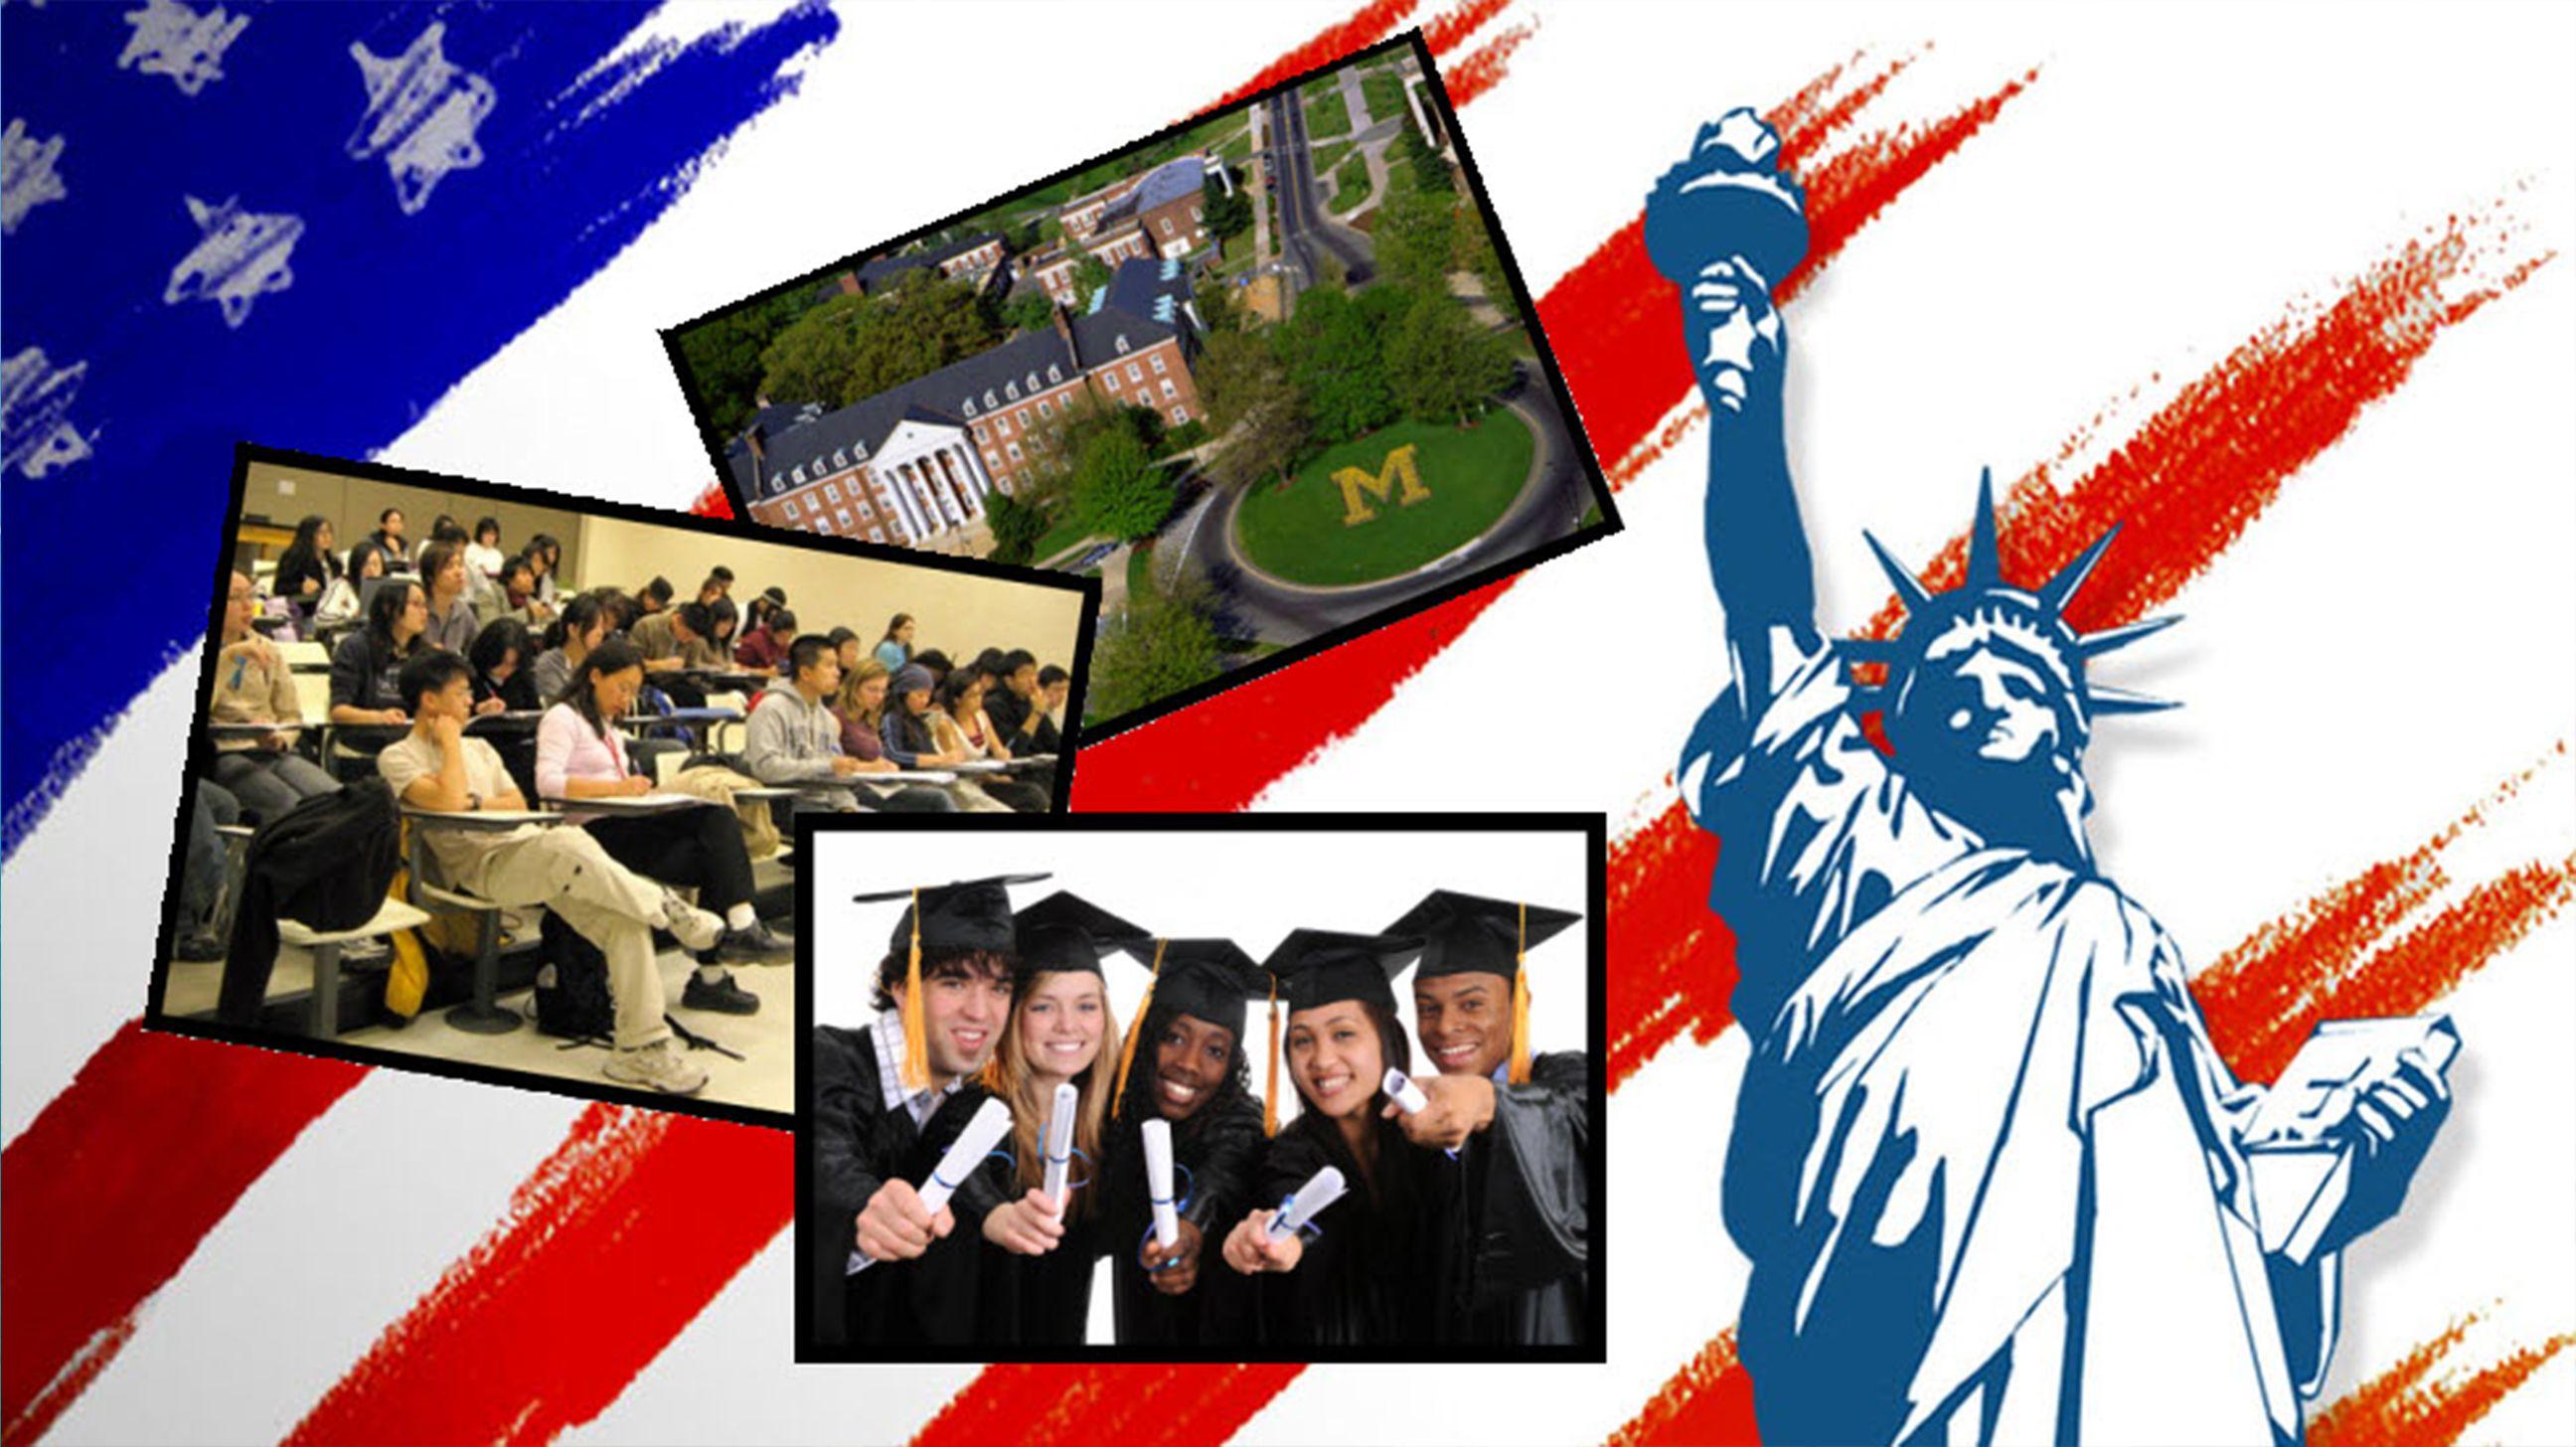 Kinh nghiệm tư vấn du học, Kinh nghiệm tư vấn du học cho học sinh